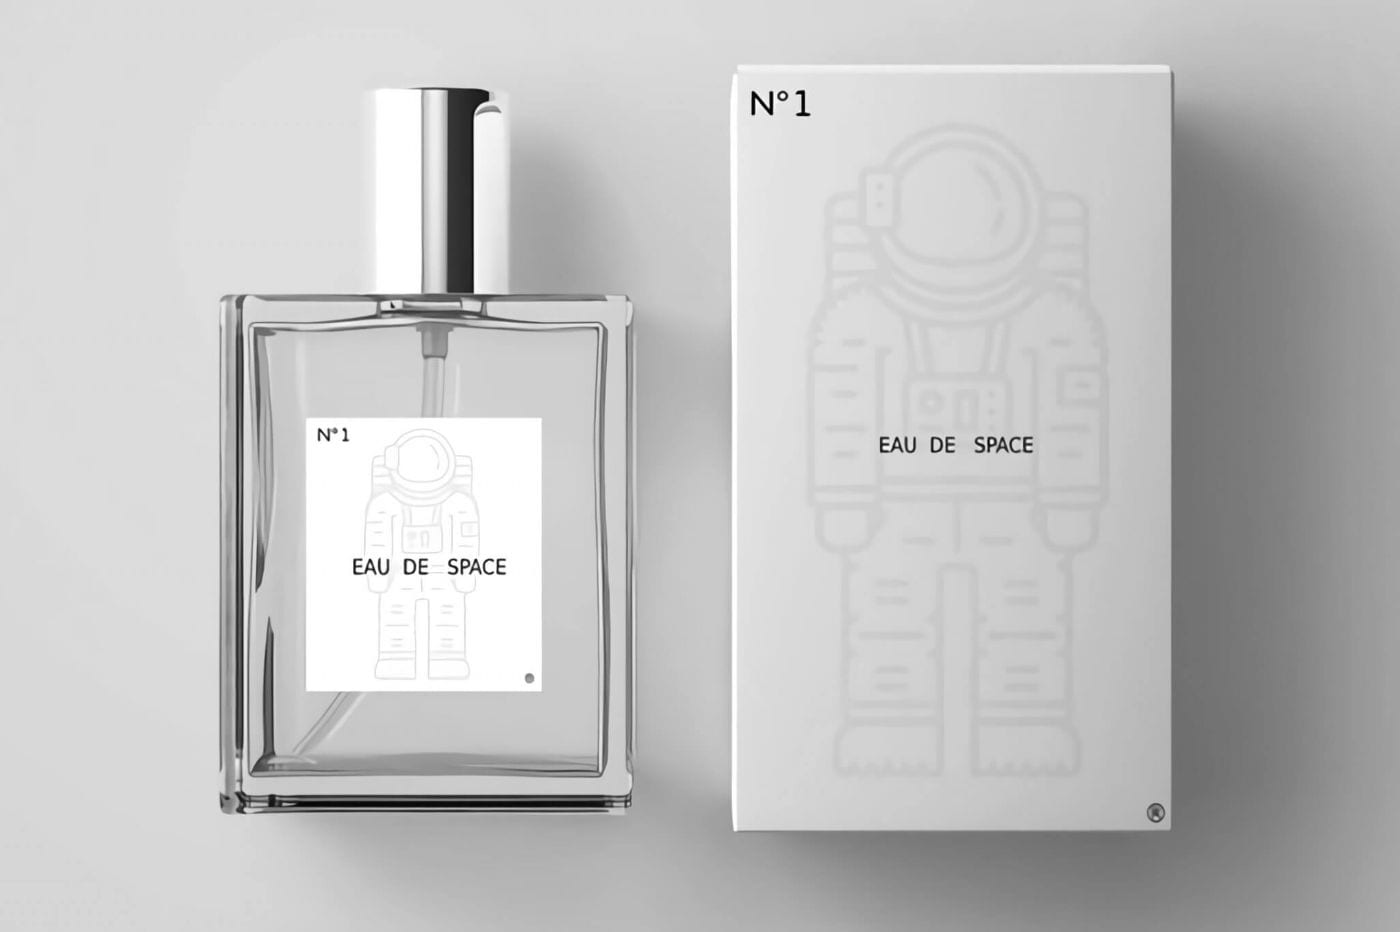 LA NASA A DÉVELOPPÉ UN PARFUM REPRODUISANT L'ODEUR DE L'ESPACE